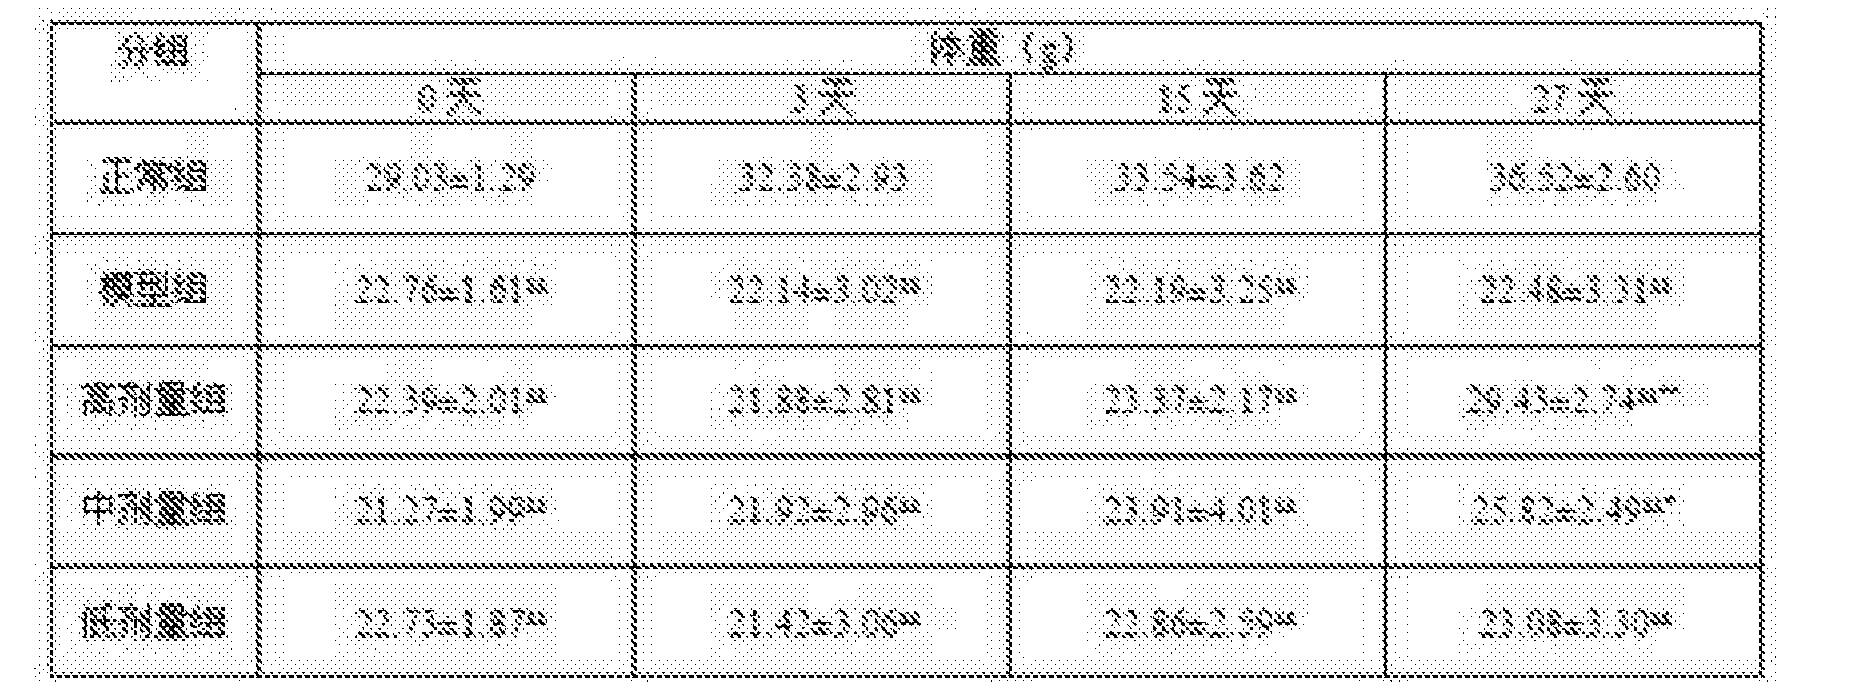 Figure CN104431064BD00071